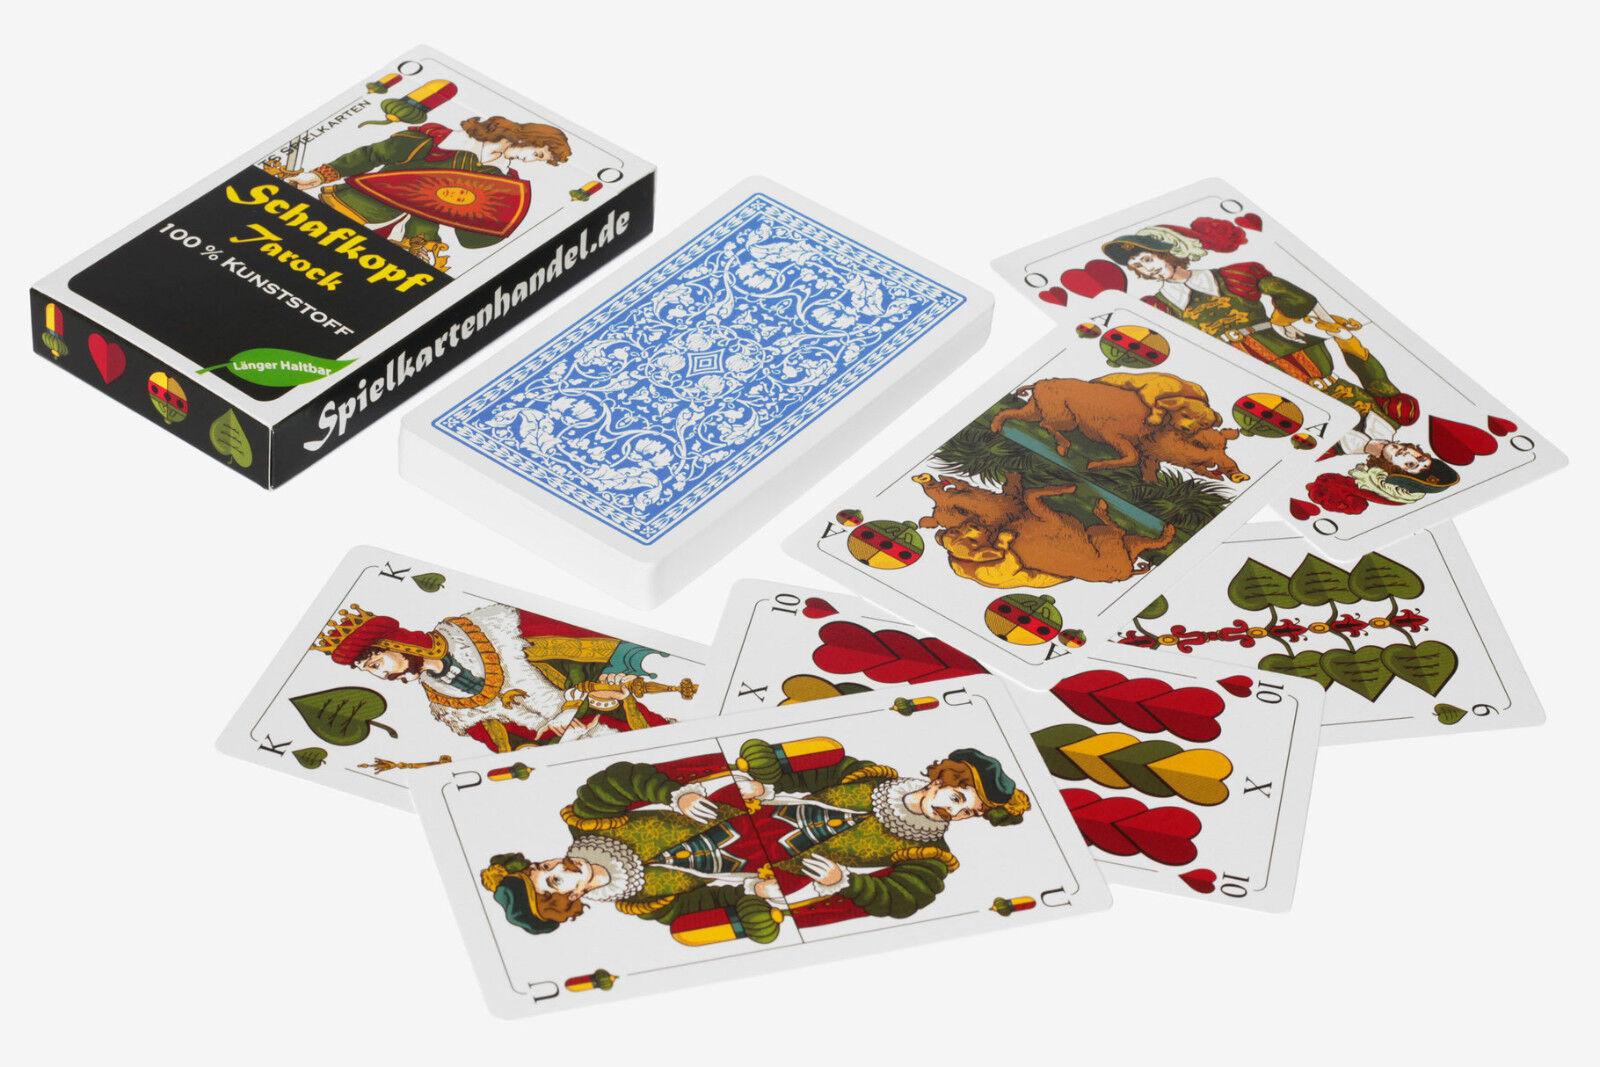 Schafkopf Karten aus 100% Kunststoff bayrisch, (Plastik +) bayrisch, Kunststoff wasserfest fecd6c